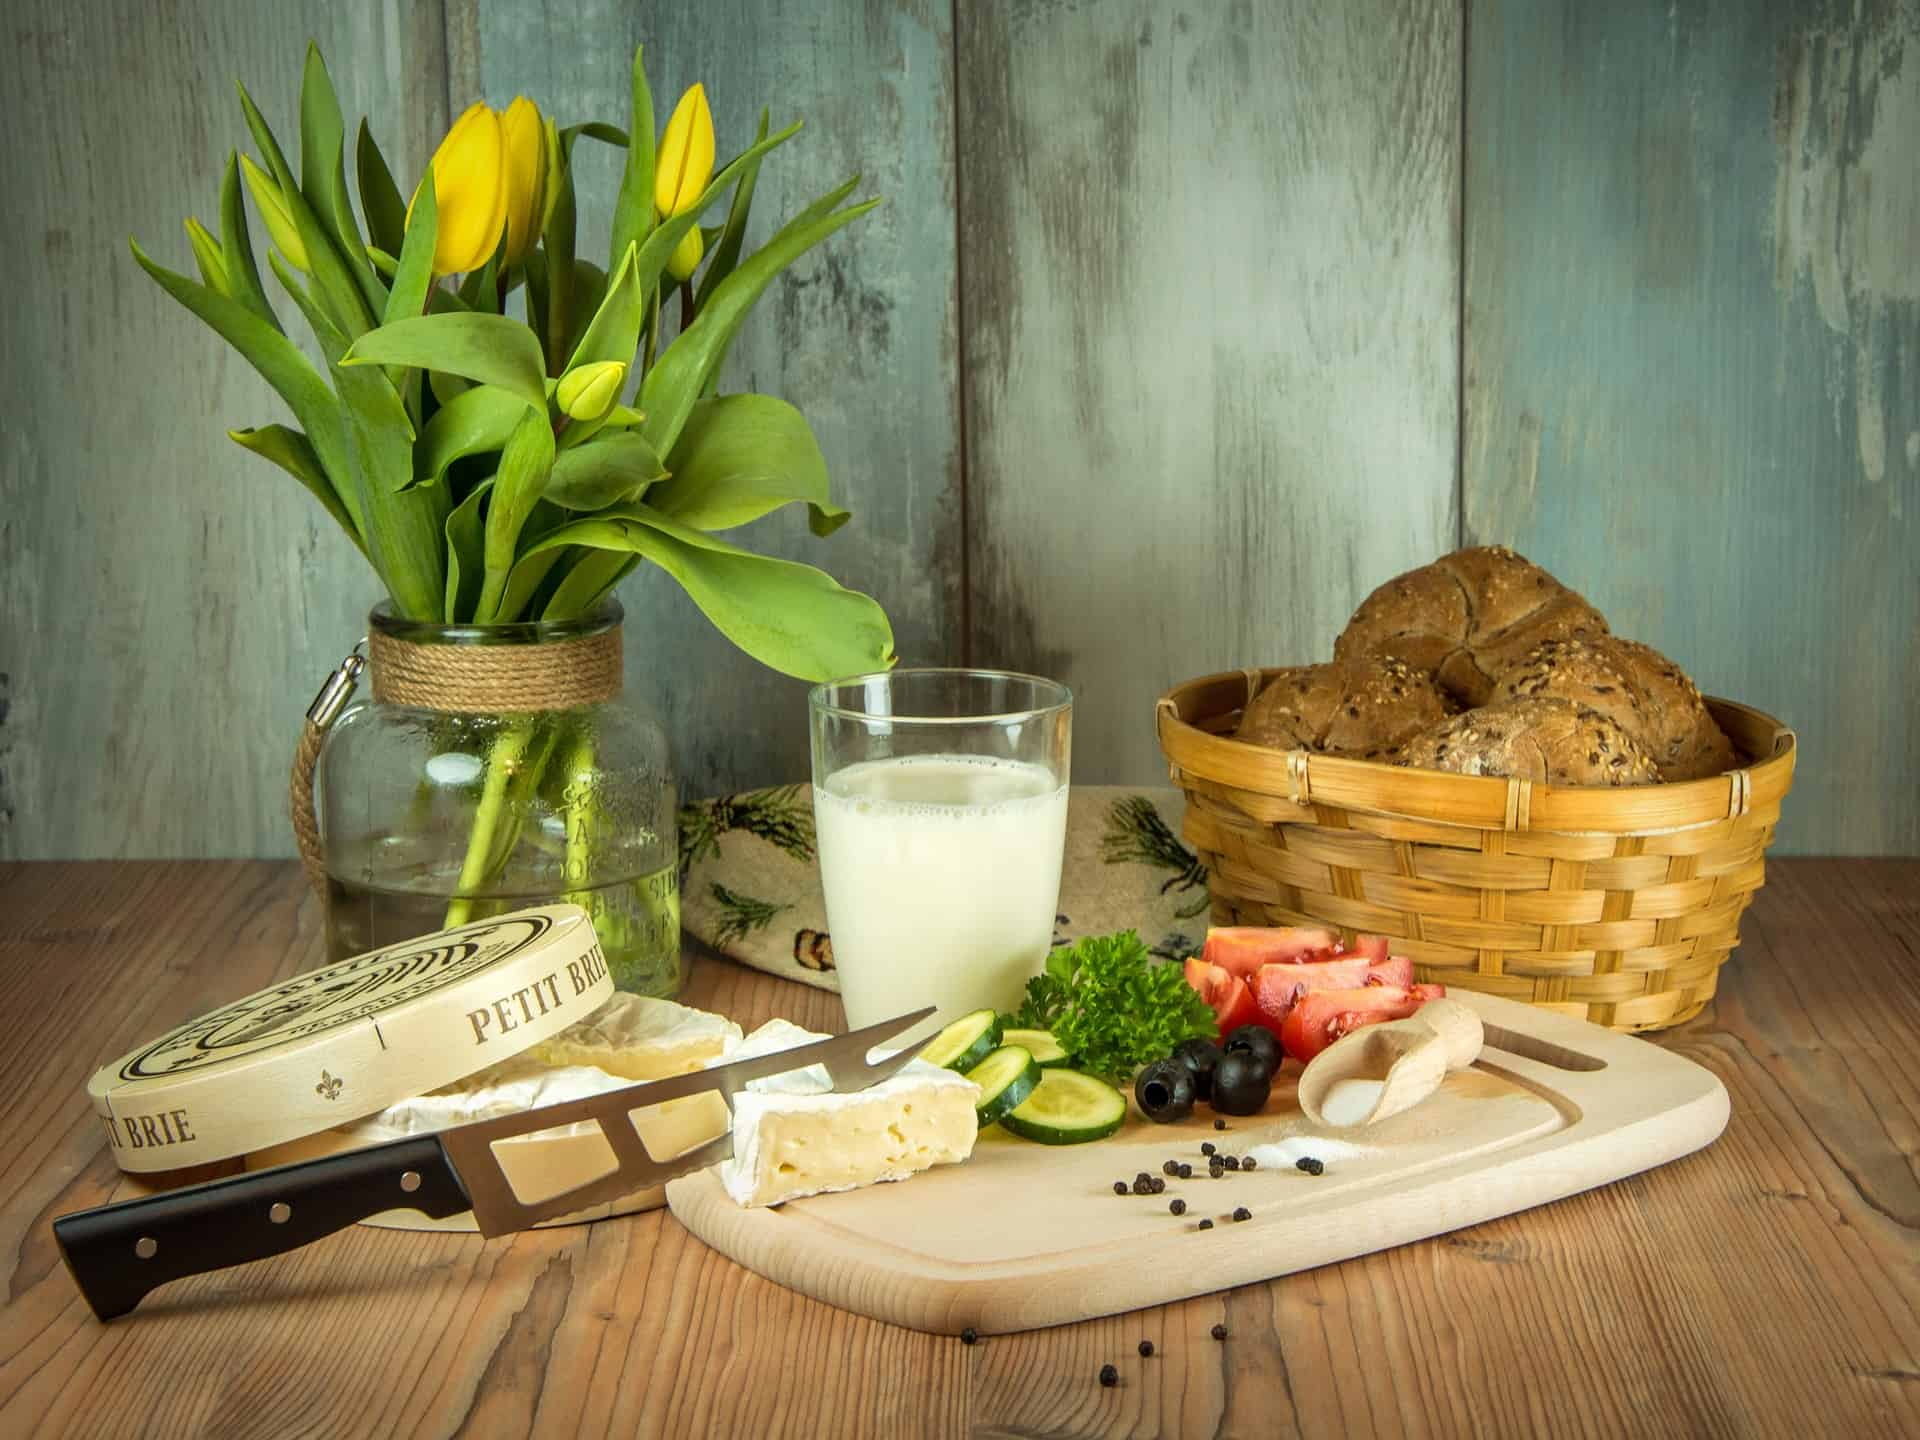 Milchsäurebakterien: Gesunde Darm- und Scheidenflora aufbauen